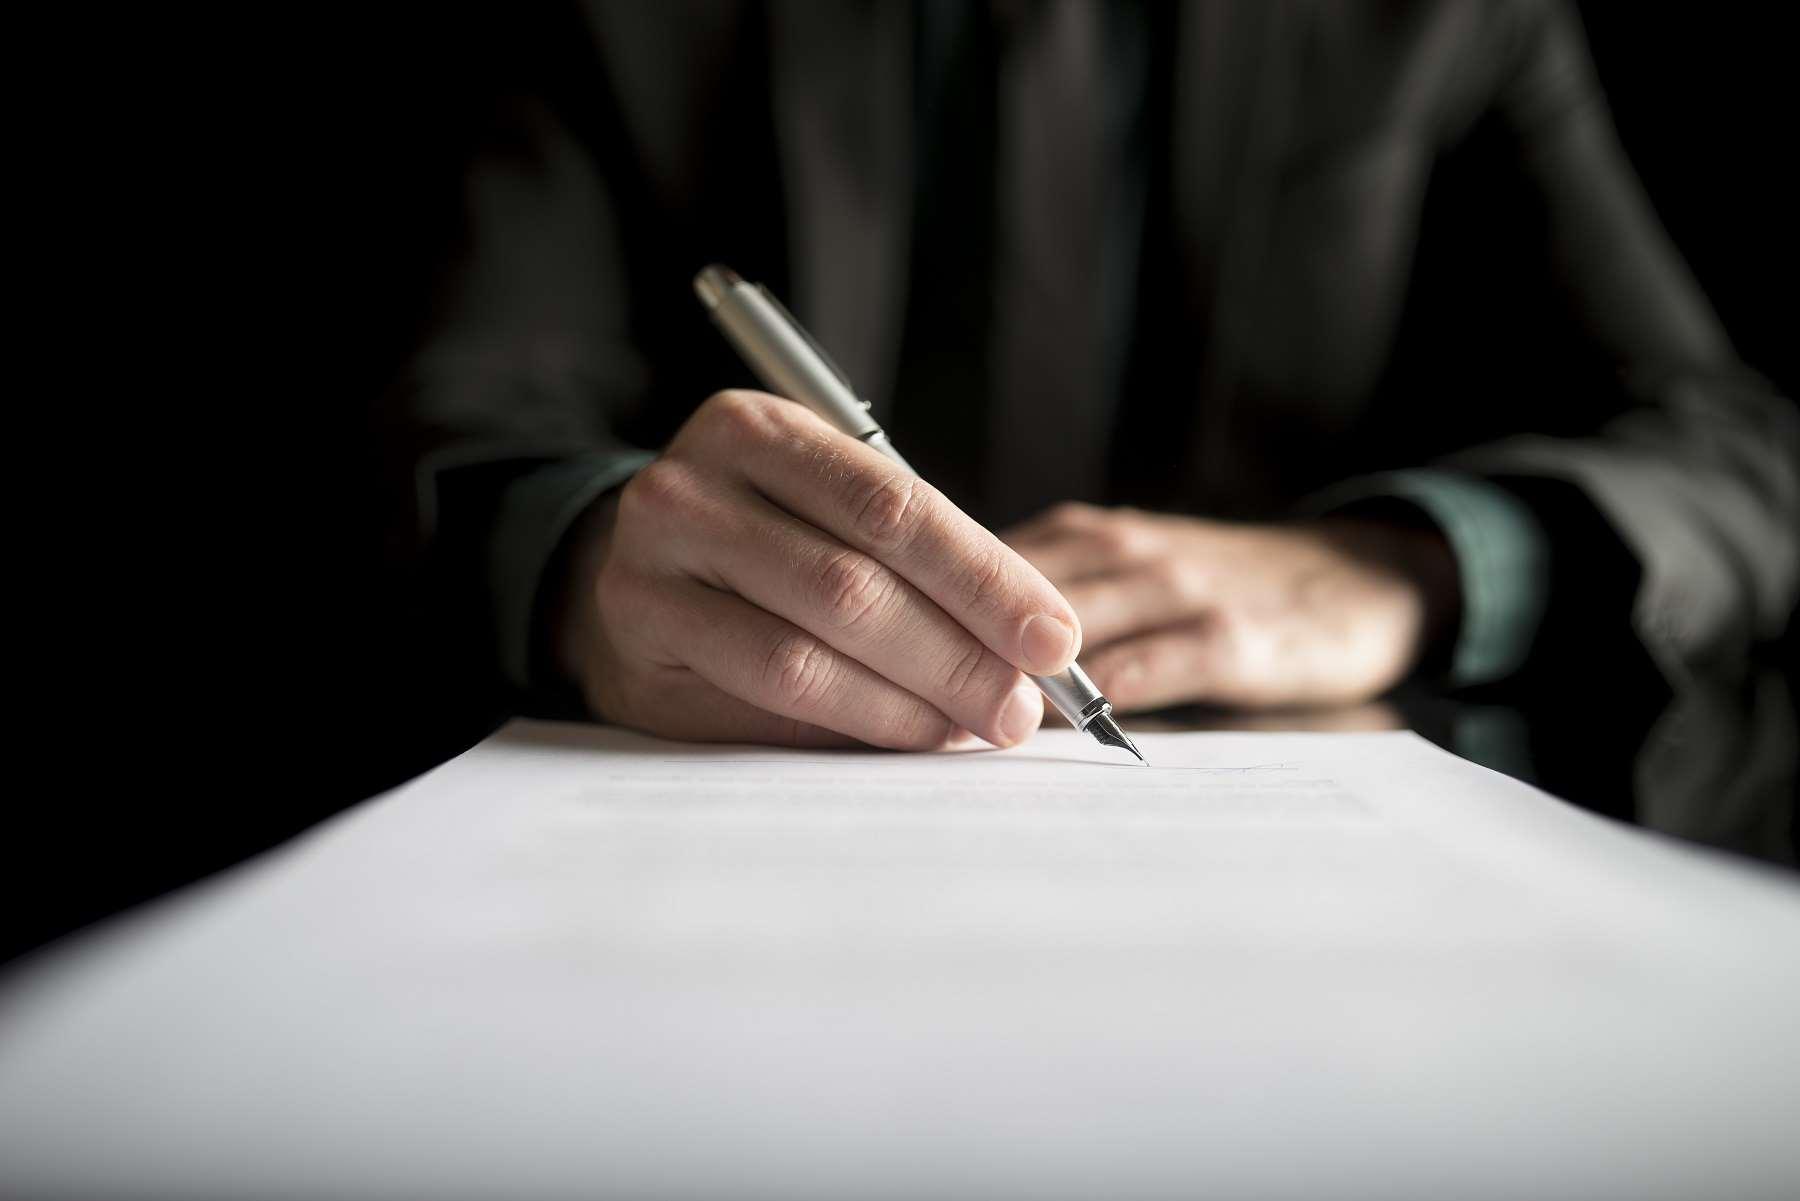 Wpis do KRS – kiedy pojawia się konieczność złożenia wniosku o wpis do KRS?